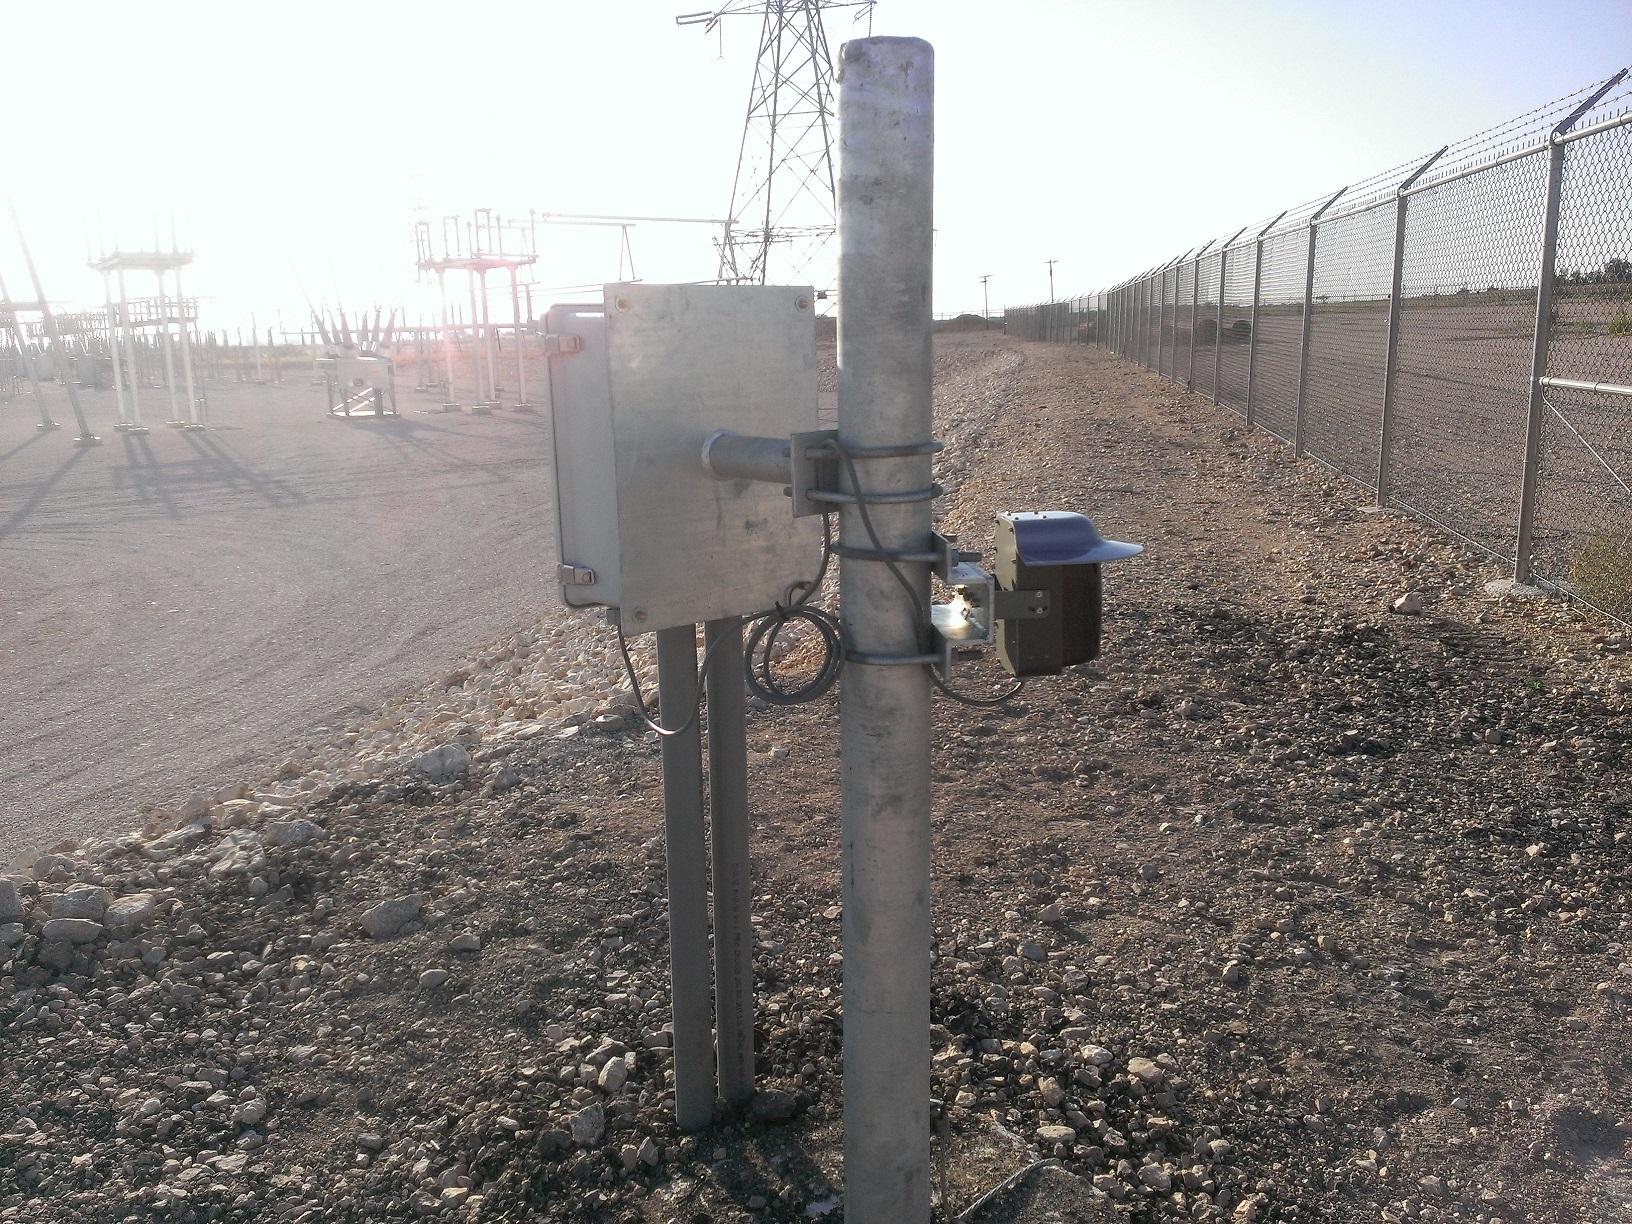 Laser based Radar – Virtual Fencing based on Laser Radar Technology